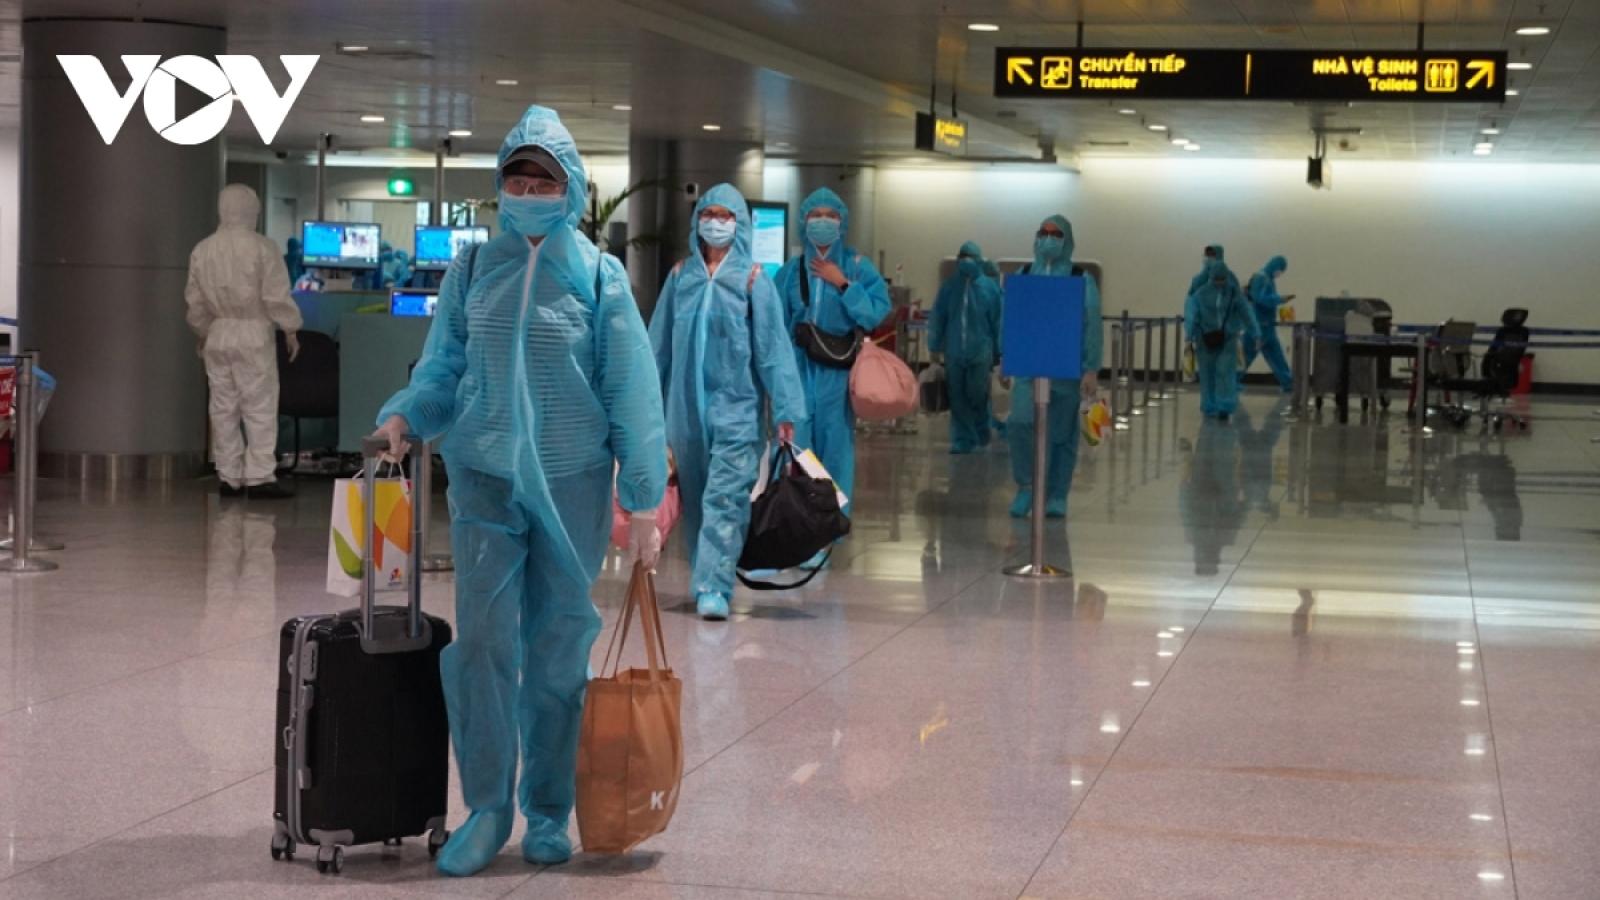 TP.HCM kiểm soát chặt chẽ nguồn bệnh xâm nhập thành phố sau Tết Tân Sửu